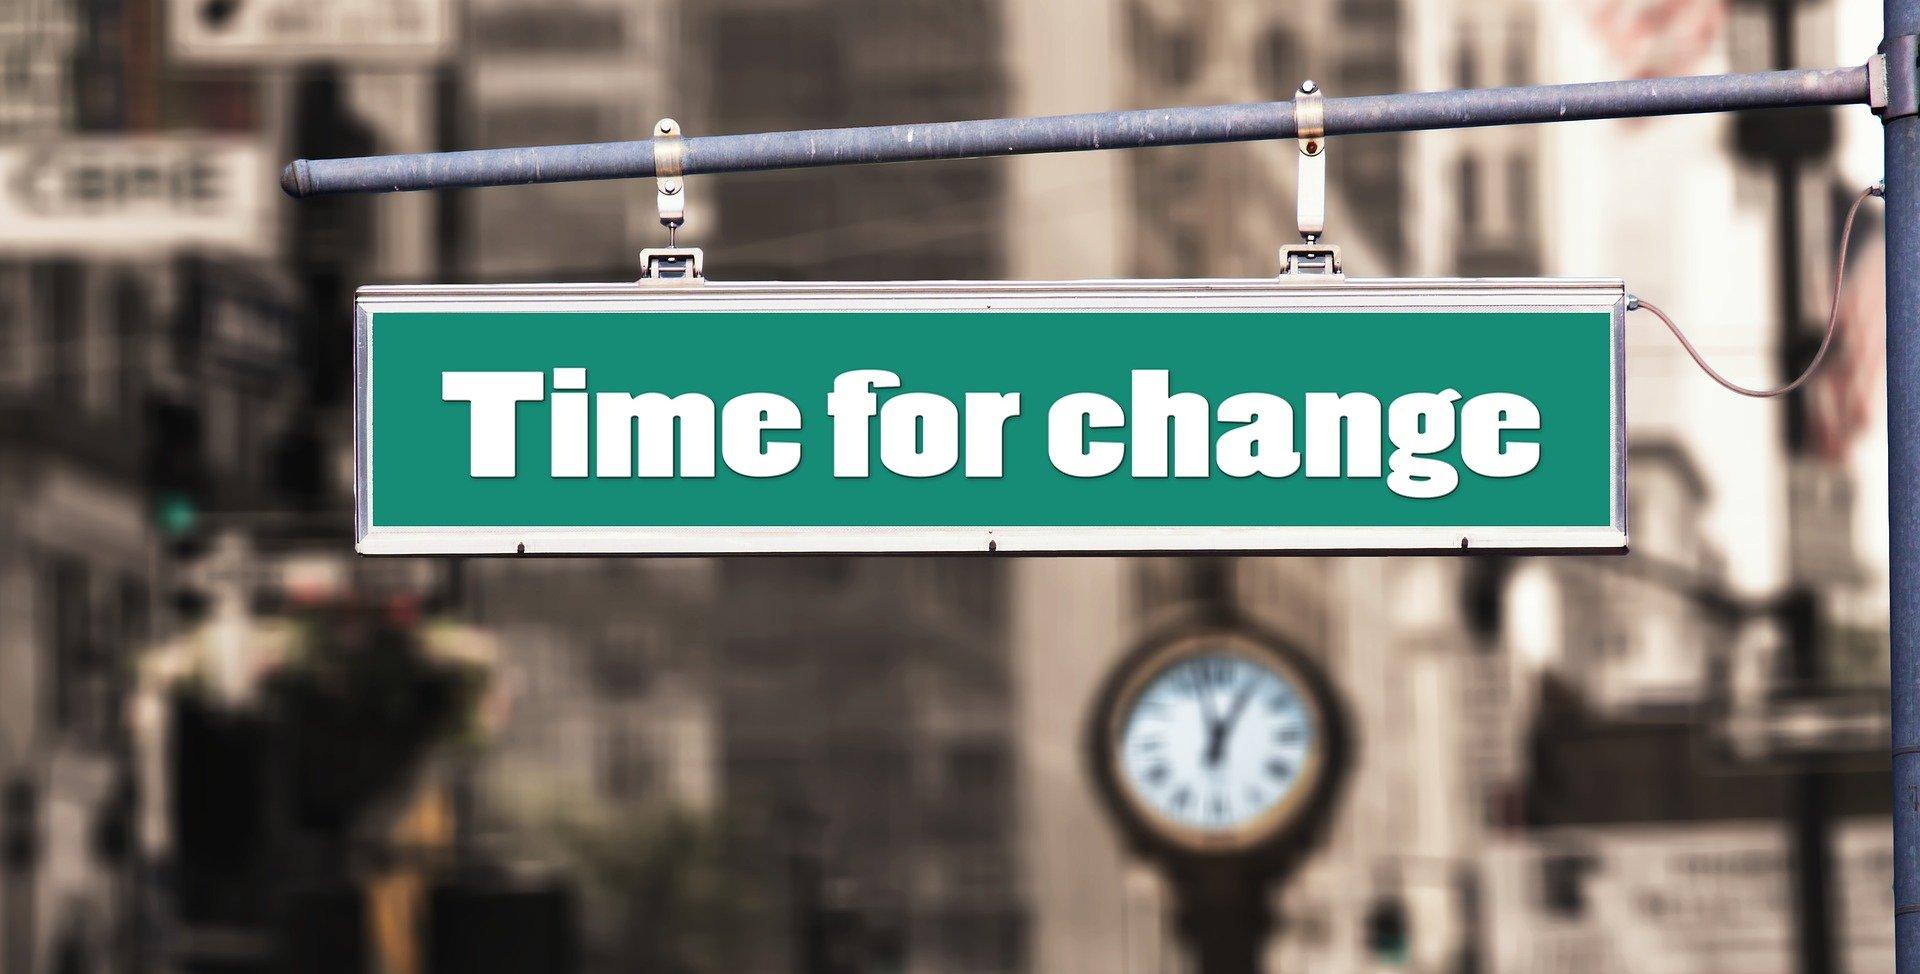 האנטומיה של שינוי עסקי ואיך להצליח בו לאורך זמן